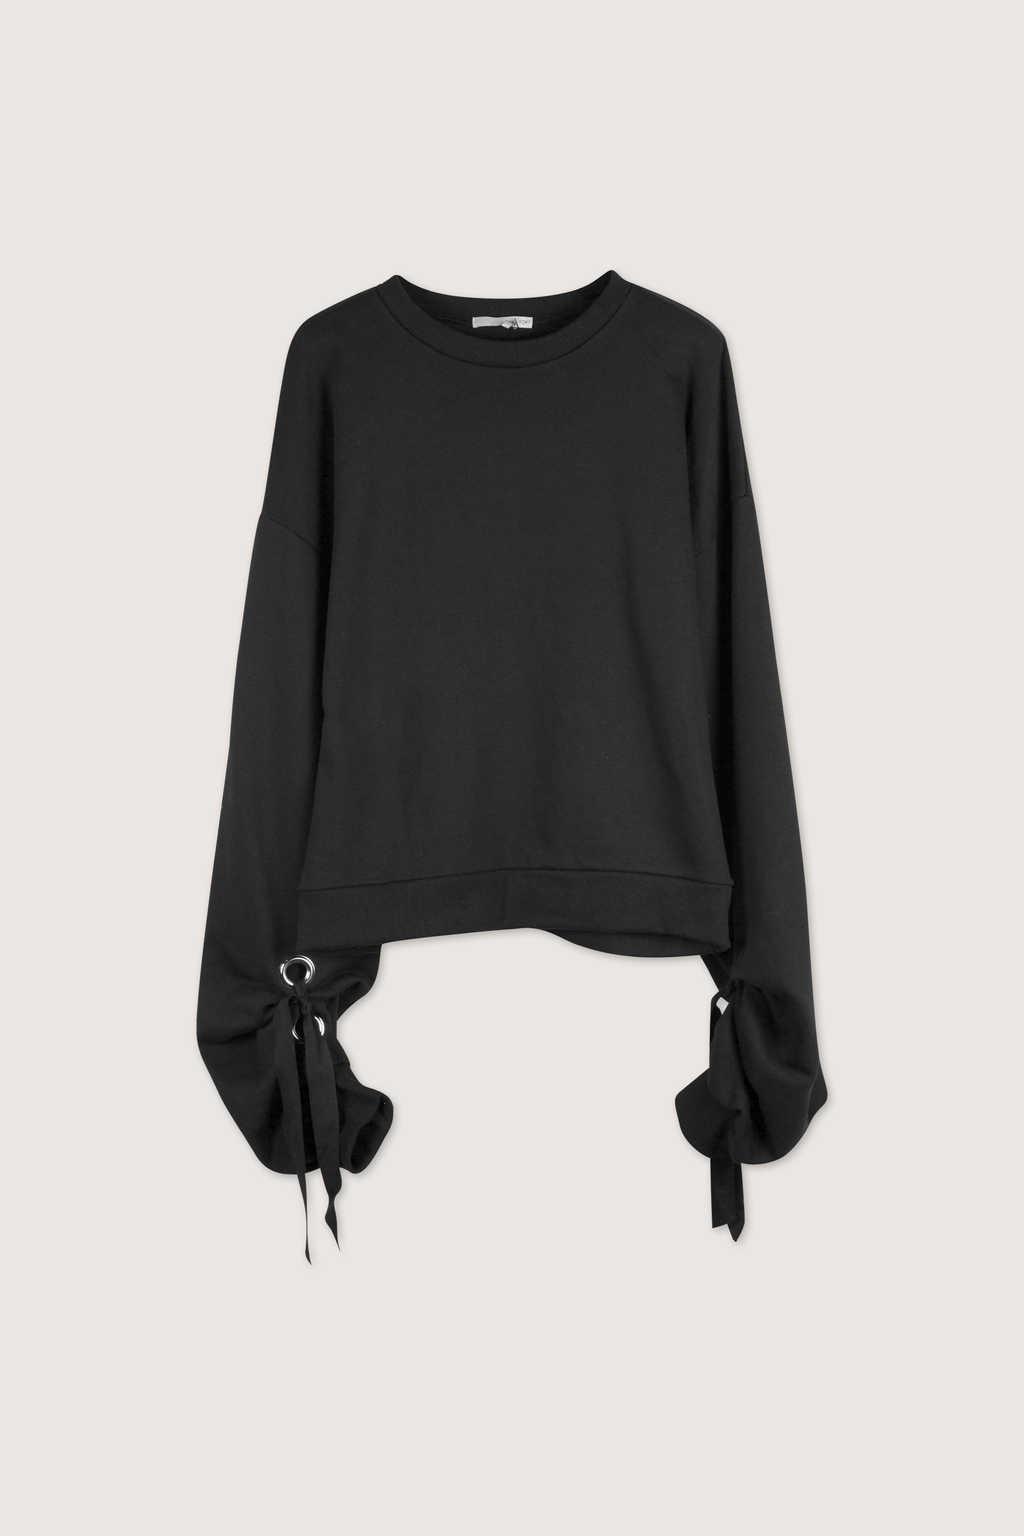 TShirt H415 Black 5